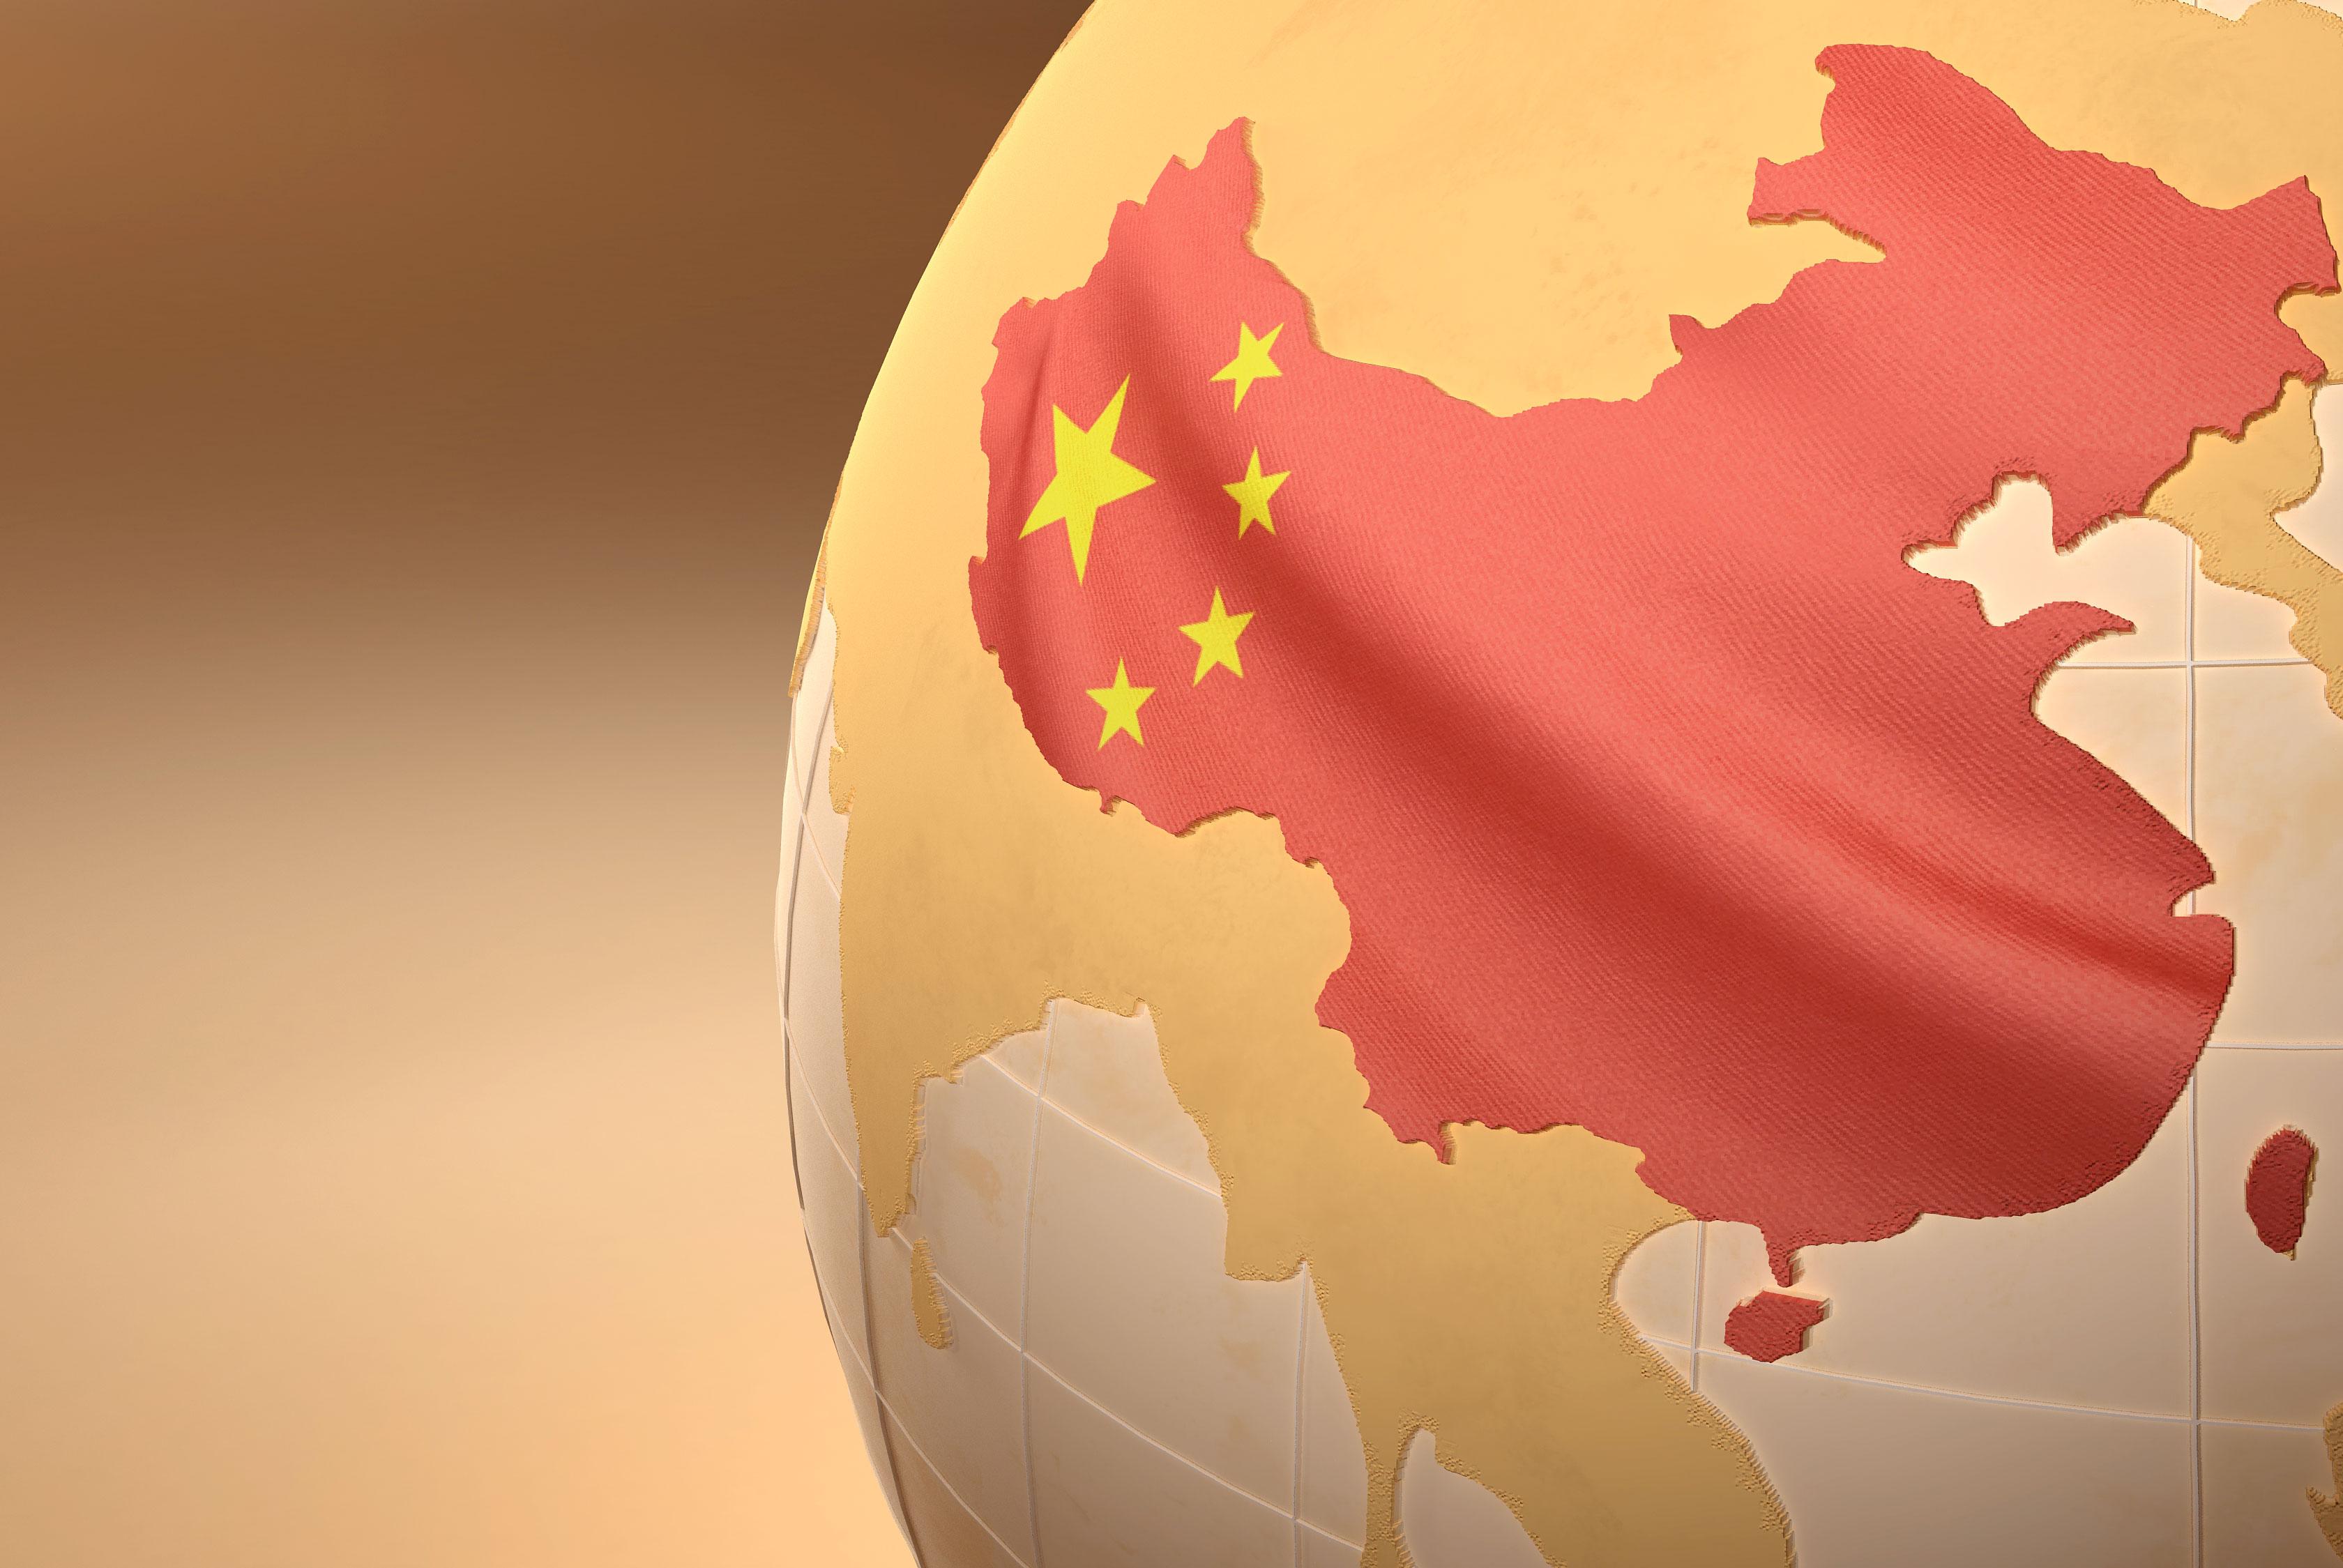 Cina: dati macroeconomici deludenti